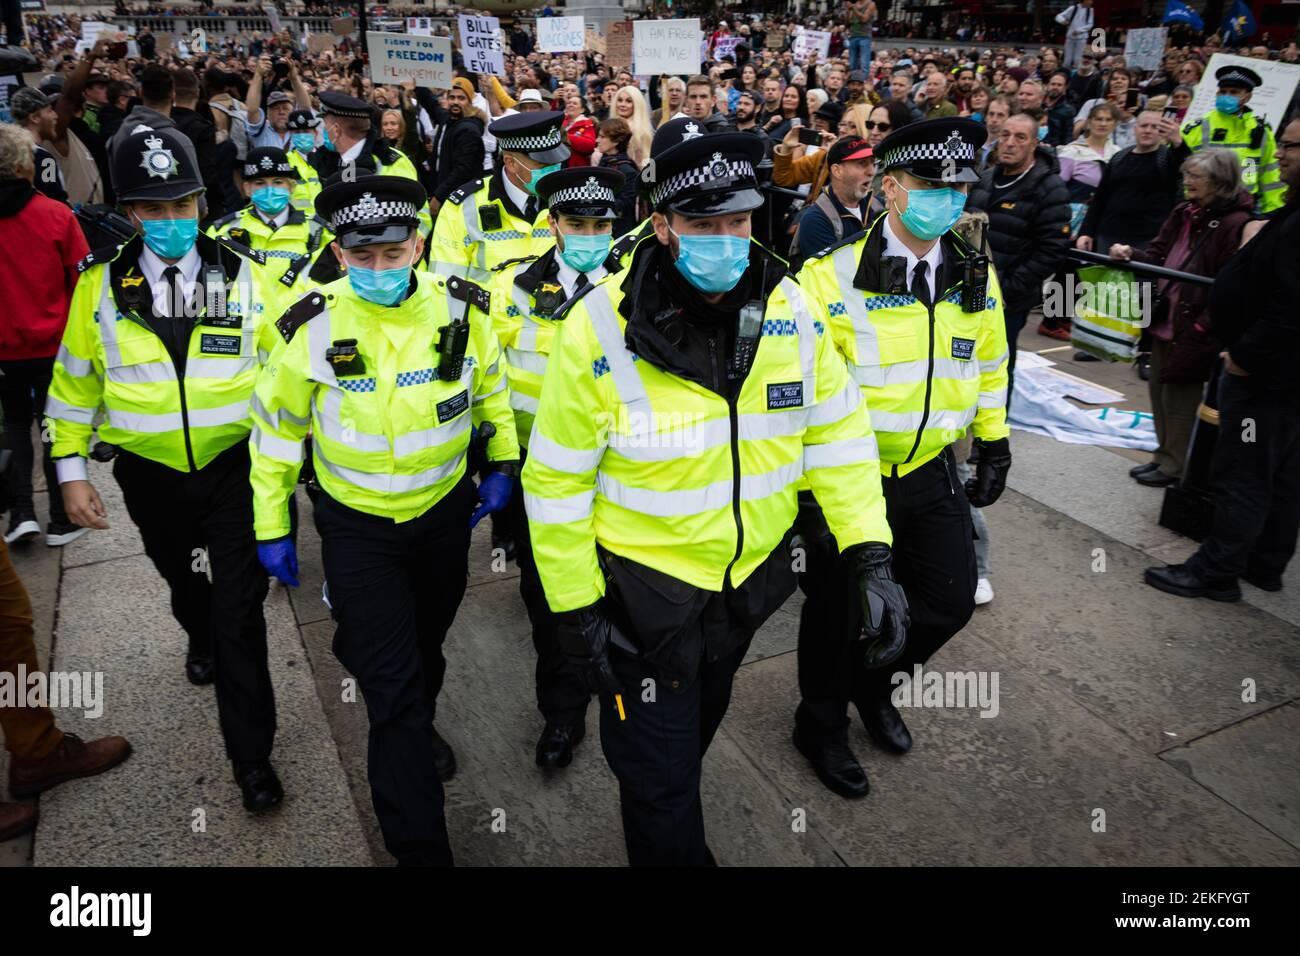 La police a vu autour des manifestants pendant la manifestation. Les manifestants de l'UNITE pour la liberté se réunissent à Trafalgar Square pour protester contre le confinement de la COVID-19 imposé le 23 mars. Les professionnels de la santé de l'industrie expriment leur inquiétude quant à la position du pays à l'égard du coronavirus. (Photo par Andy Barton / SOPA Images / Sipa USA) Banque D'Images